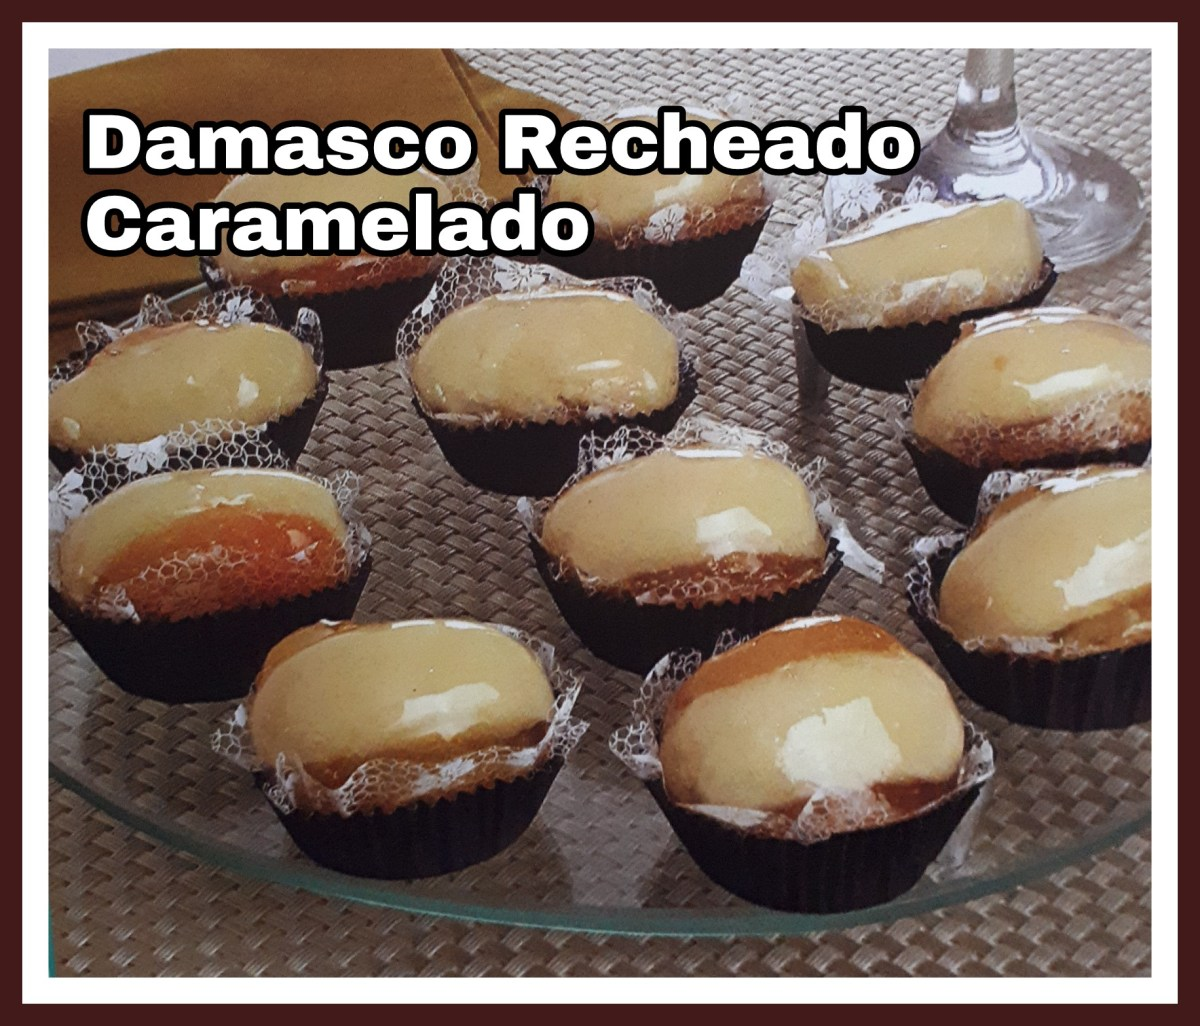 Damasco Recheado Caramelado